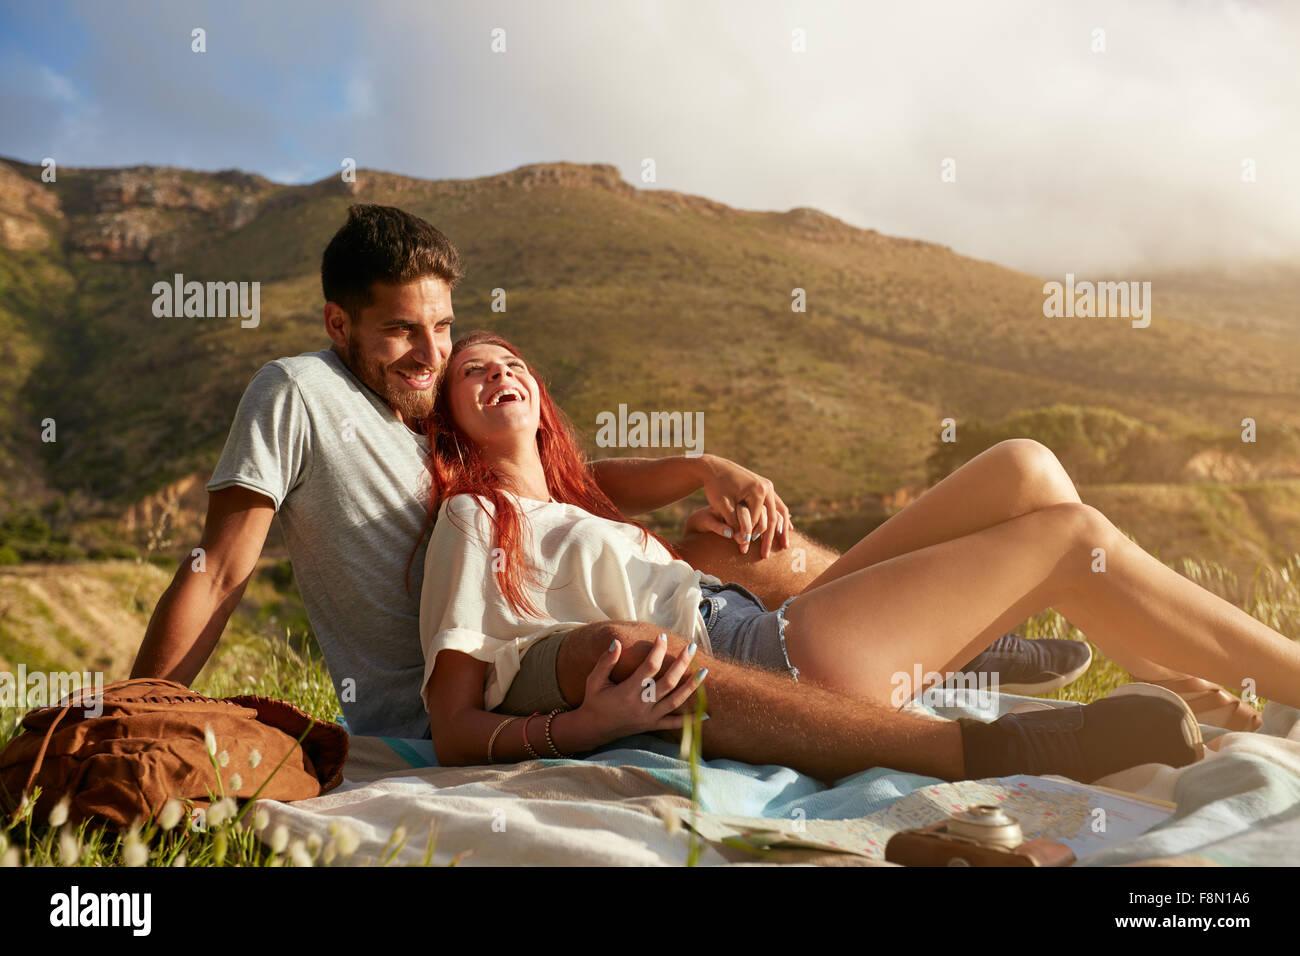 Porträt eines niedlichen jungen Paares lächelnd. Junger Mann und Frau Ionen-Sommer-Urlaub. Genießen Stockbild